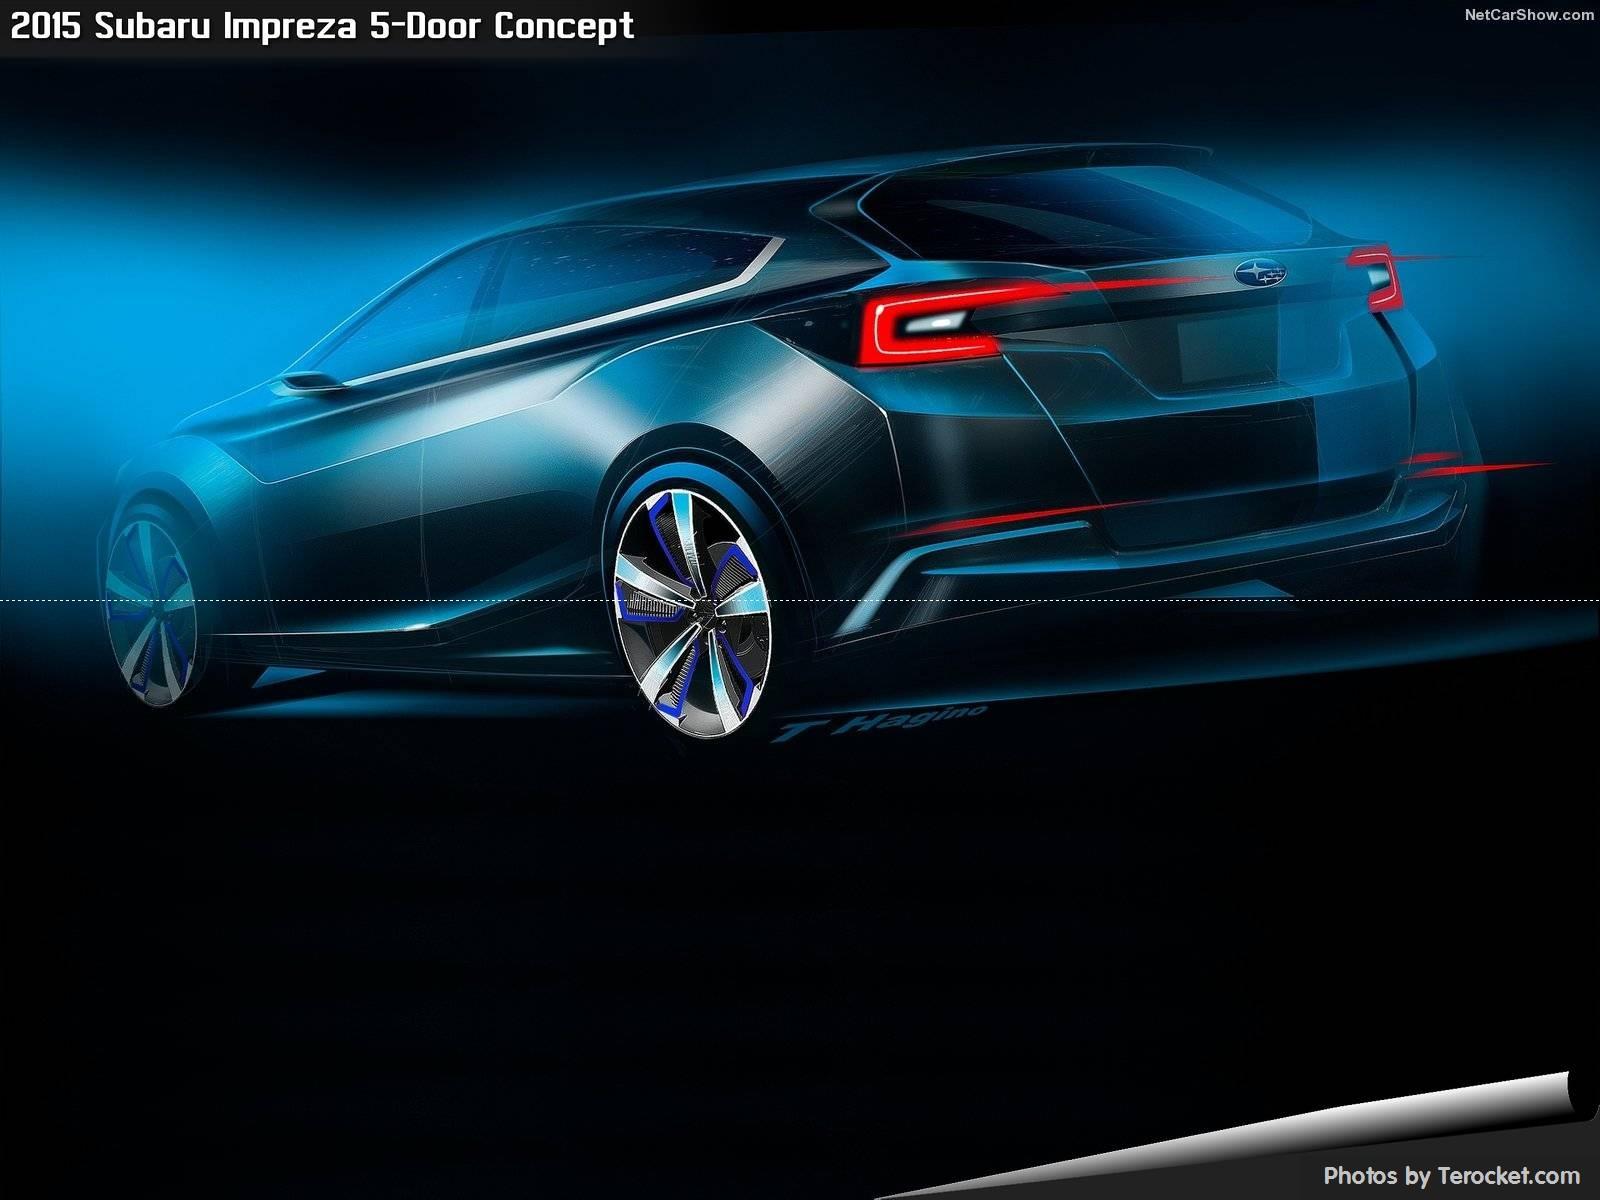 Hình ảnh xe ô tô Subaru Impreza 5-Door Concept 2015 & nội ngoại thất